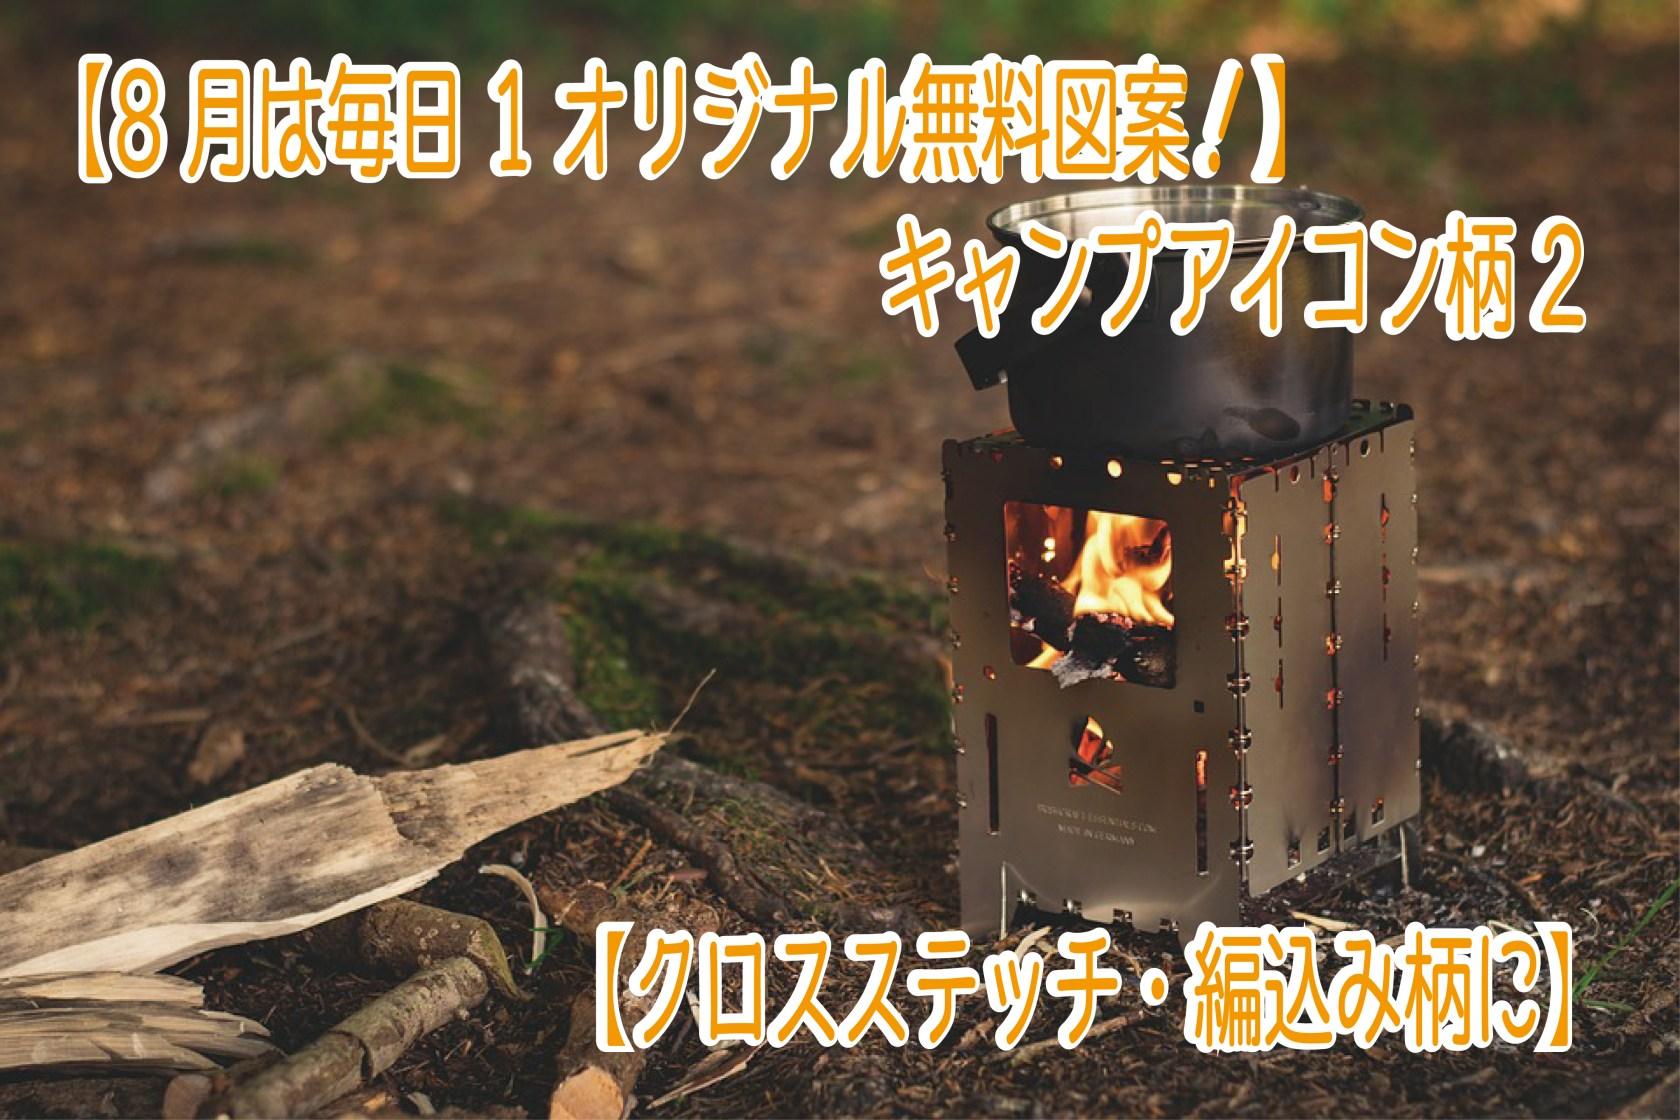 【8月は毎日1オリジナル無料図案!】キャンプアイコン柄3種類その②【クロスステッチ・編込み柄に】